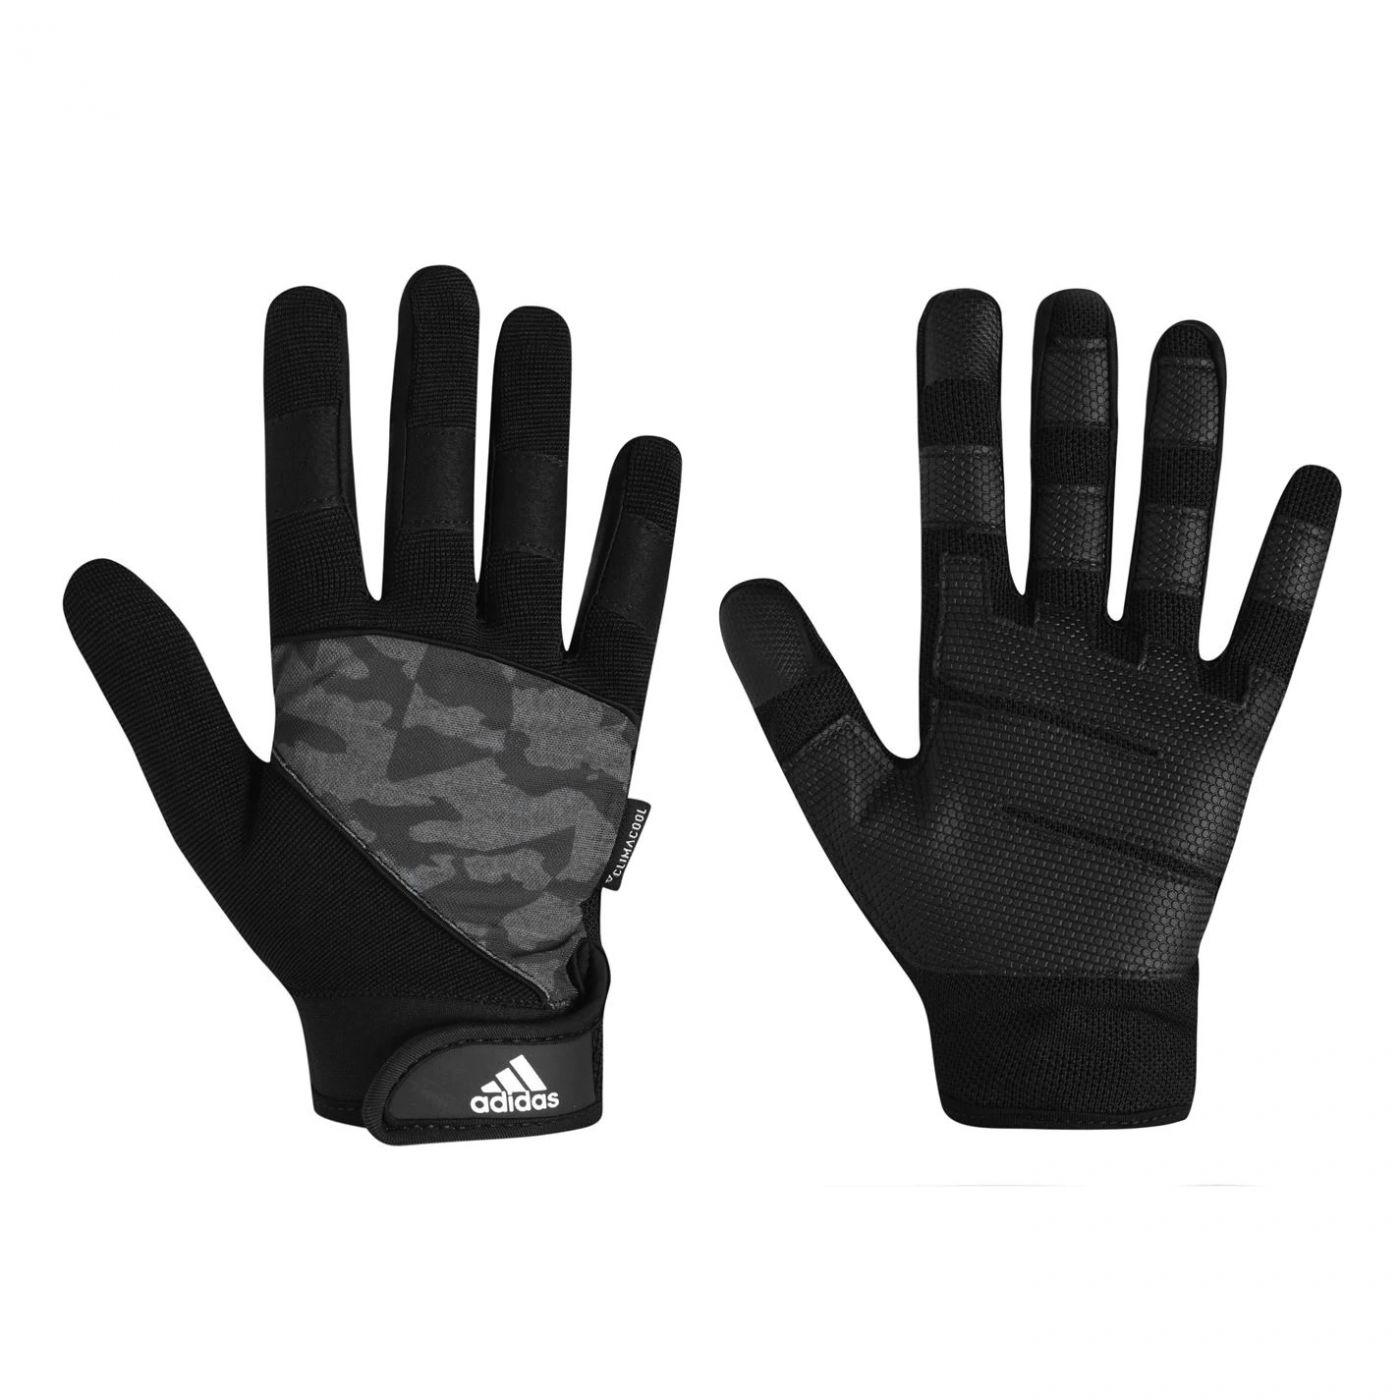 Adidas Full Finger Performance Gloves - Large